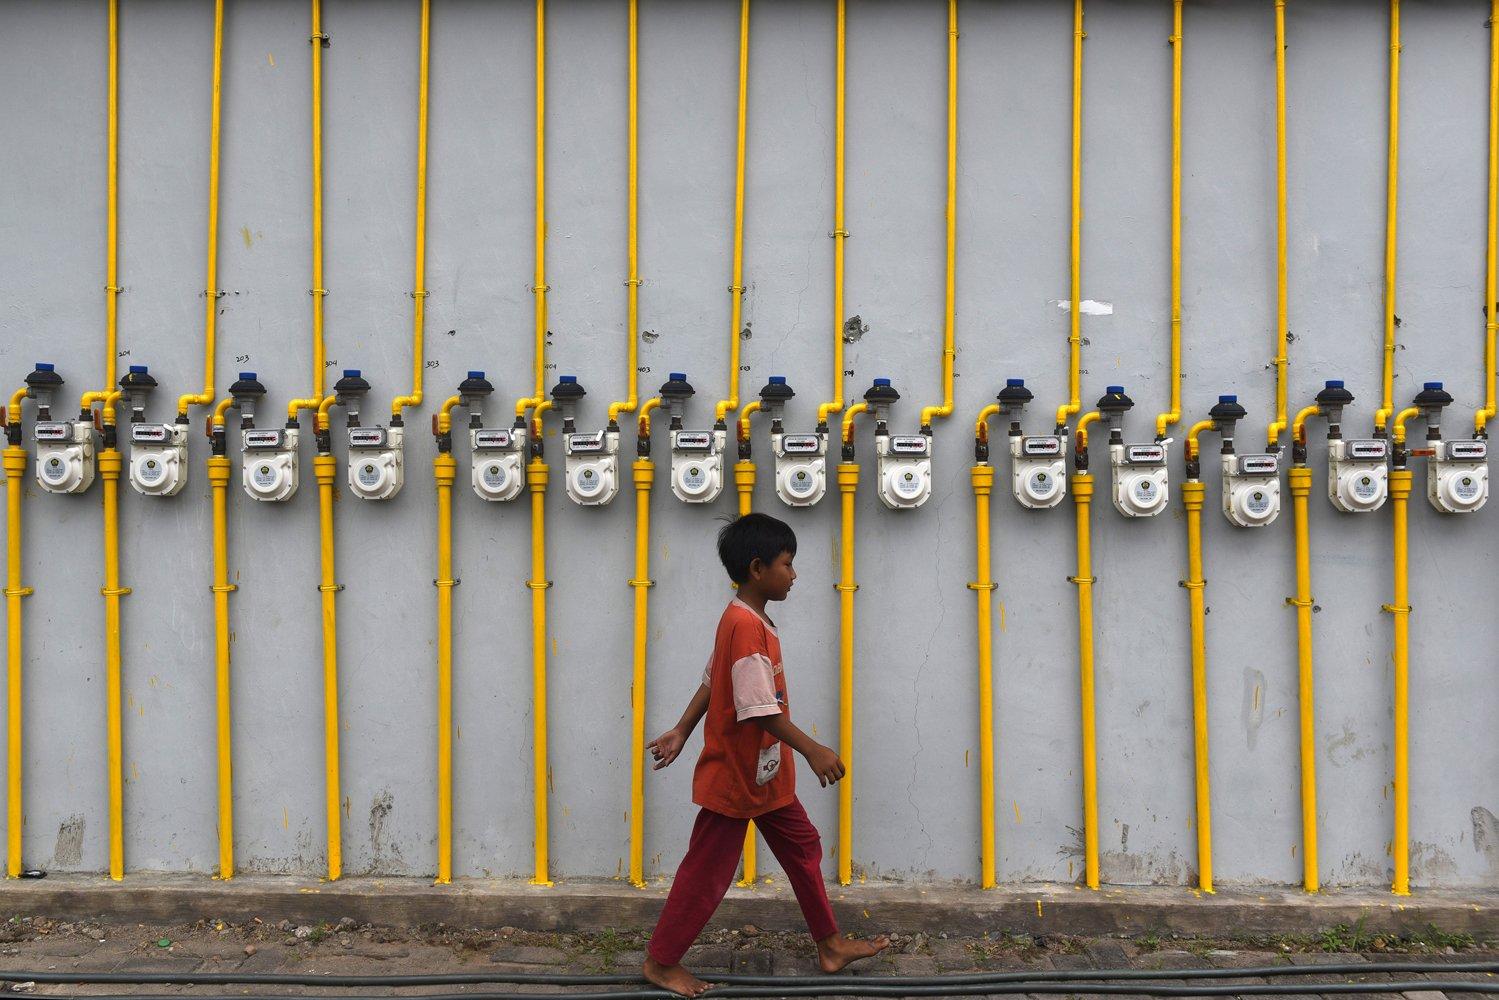 Seorang melintas di depan meteran gas yang terpasang di dinding rumah susun di Surabaya, Jawa Timur.